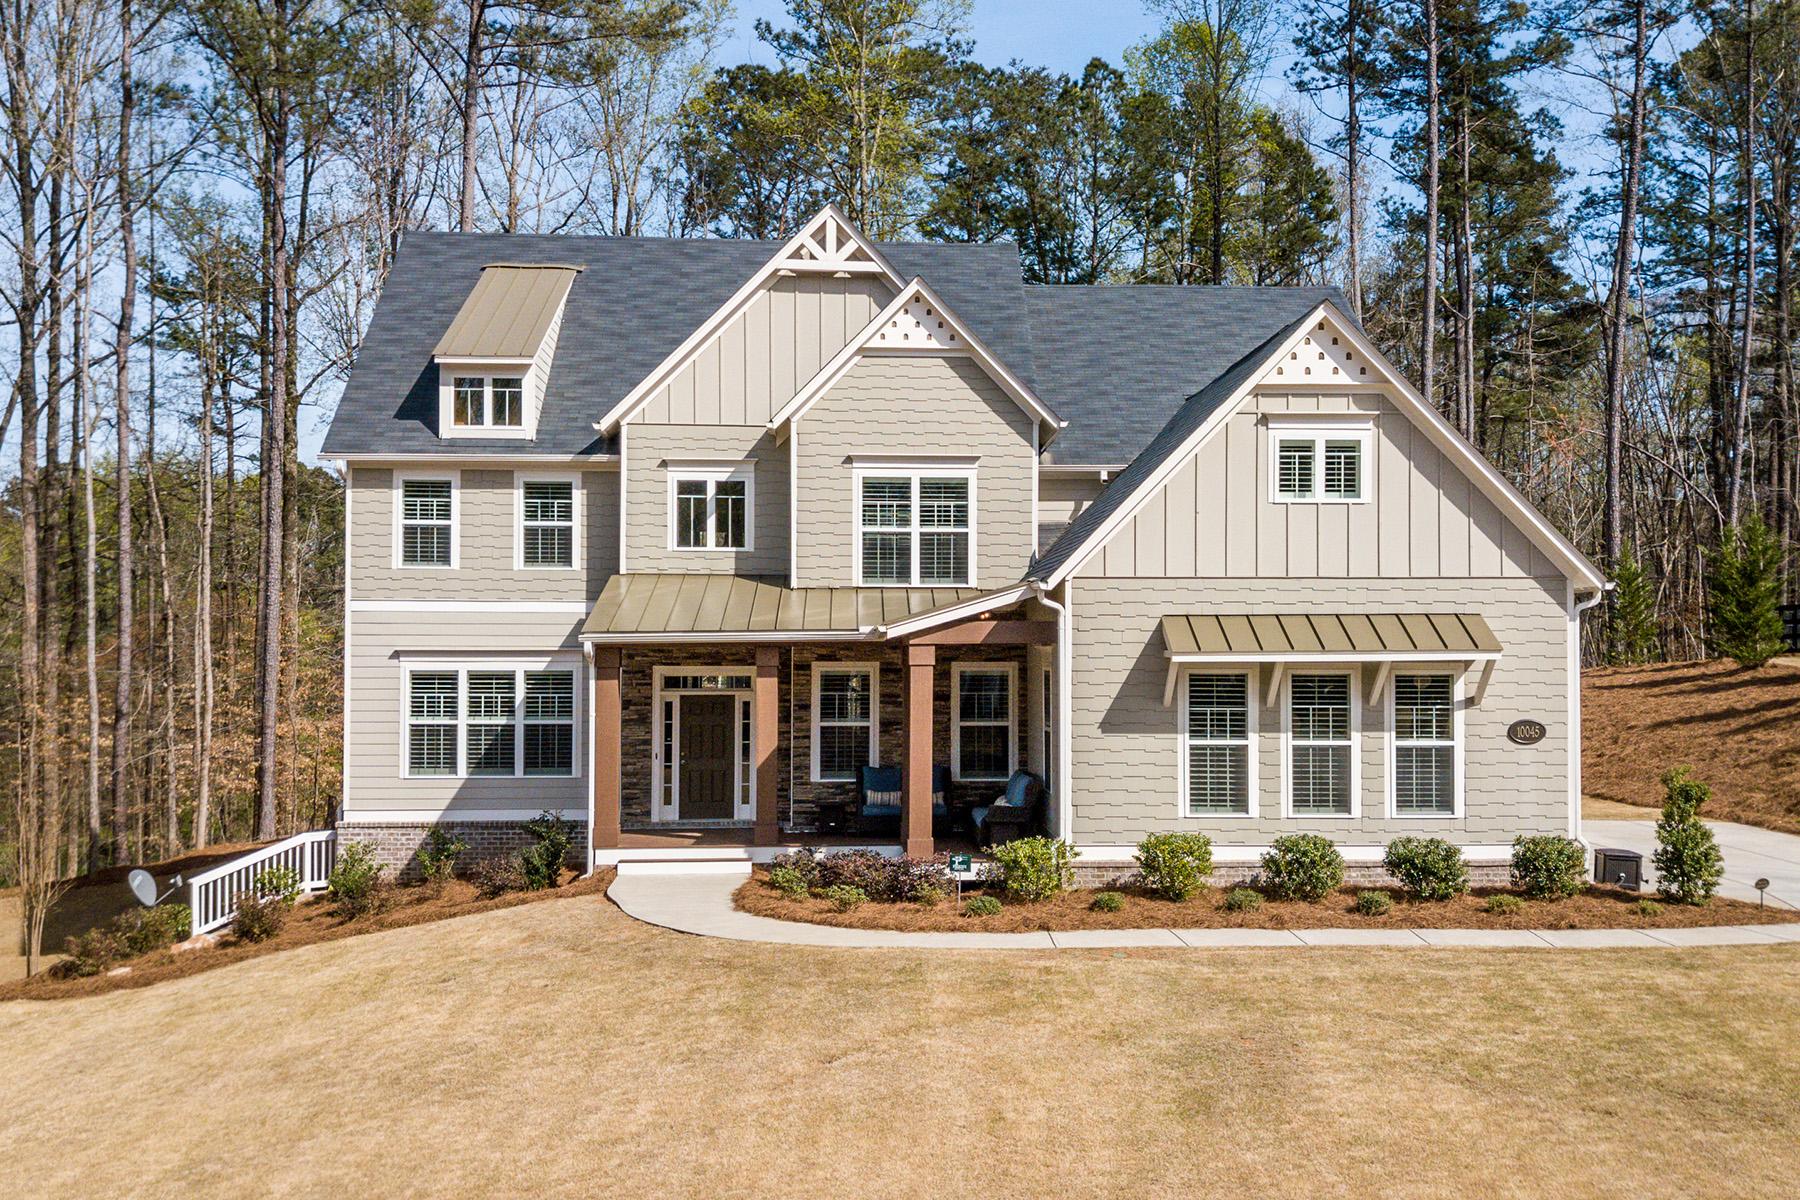 Property для того Продажа на Custom Craftsman 10045 Peaks Parkway, Milton, Джорджия 30004 Соединенные Штаты